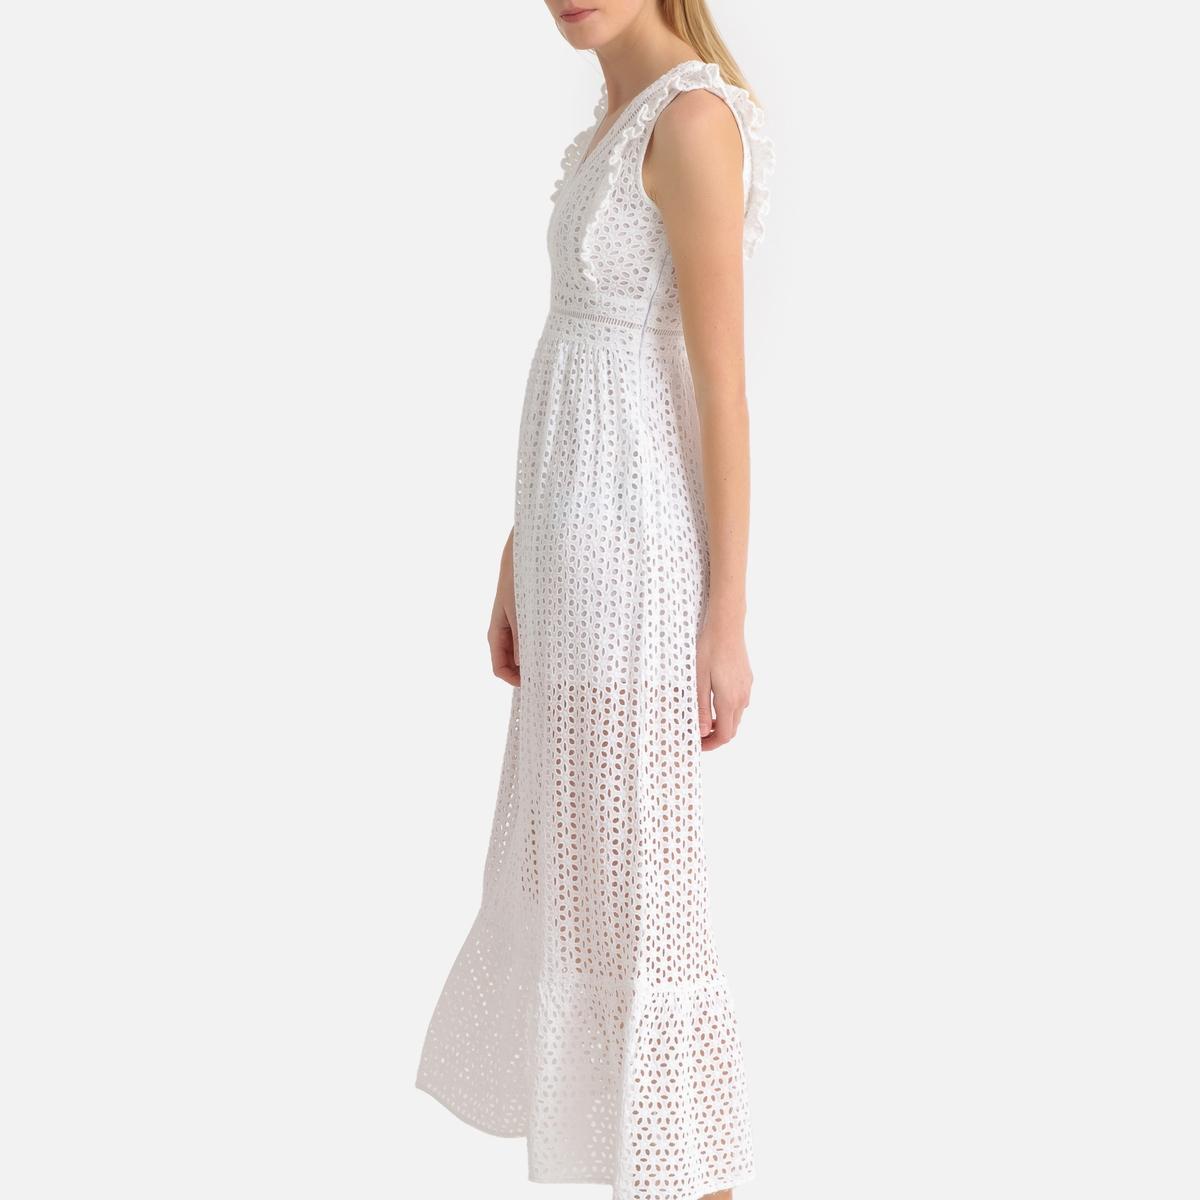 цена Платье La Redoute Длинное с вышивкой и V-образным вырезом без рукавов L белый онлайн в 2017 году